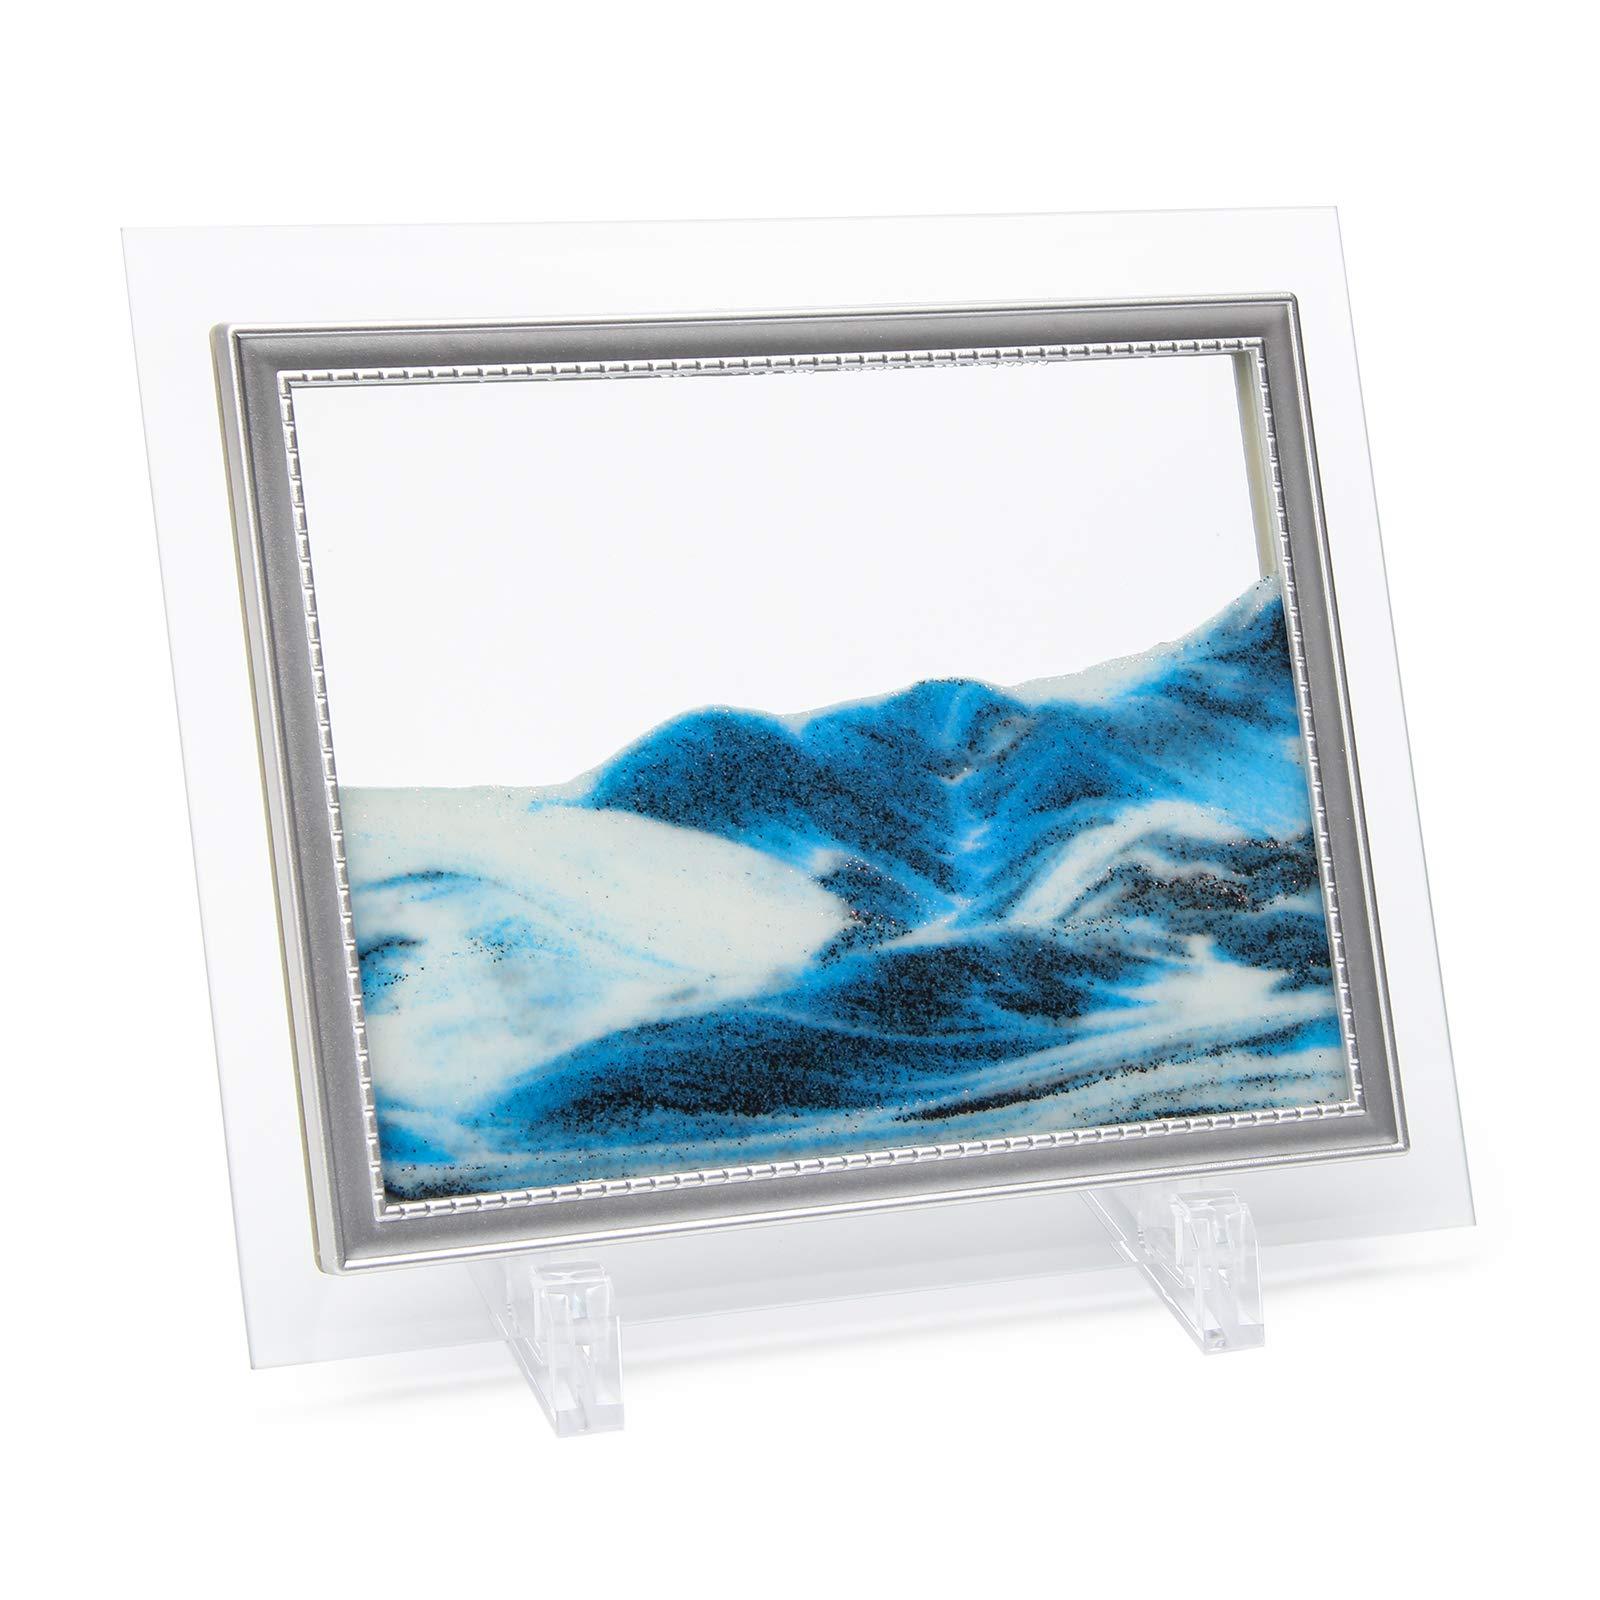 Cuadro de arte arena en movimiento azul Coitak 18x23cm